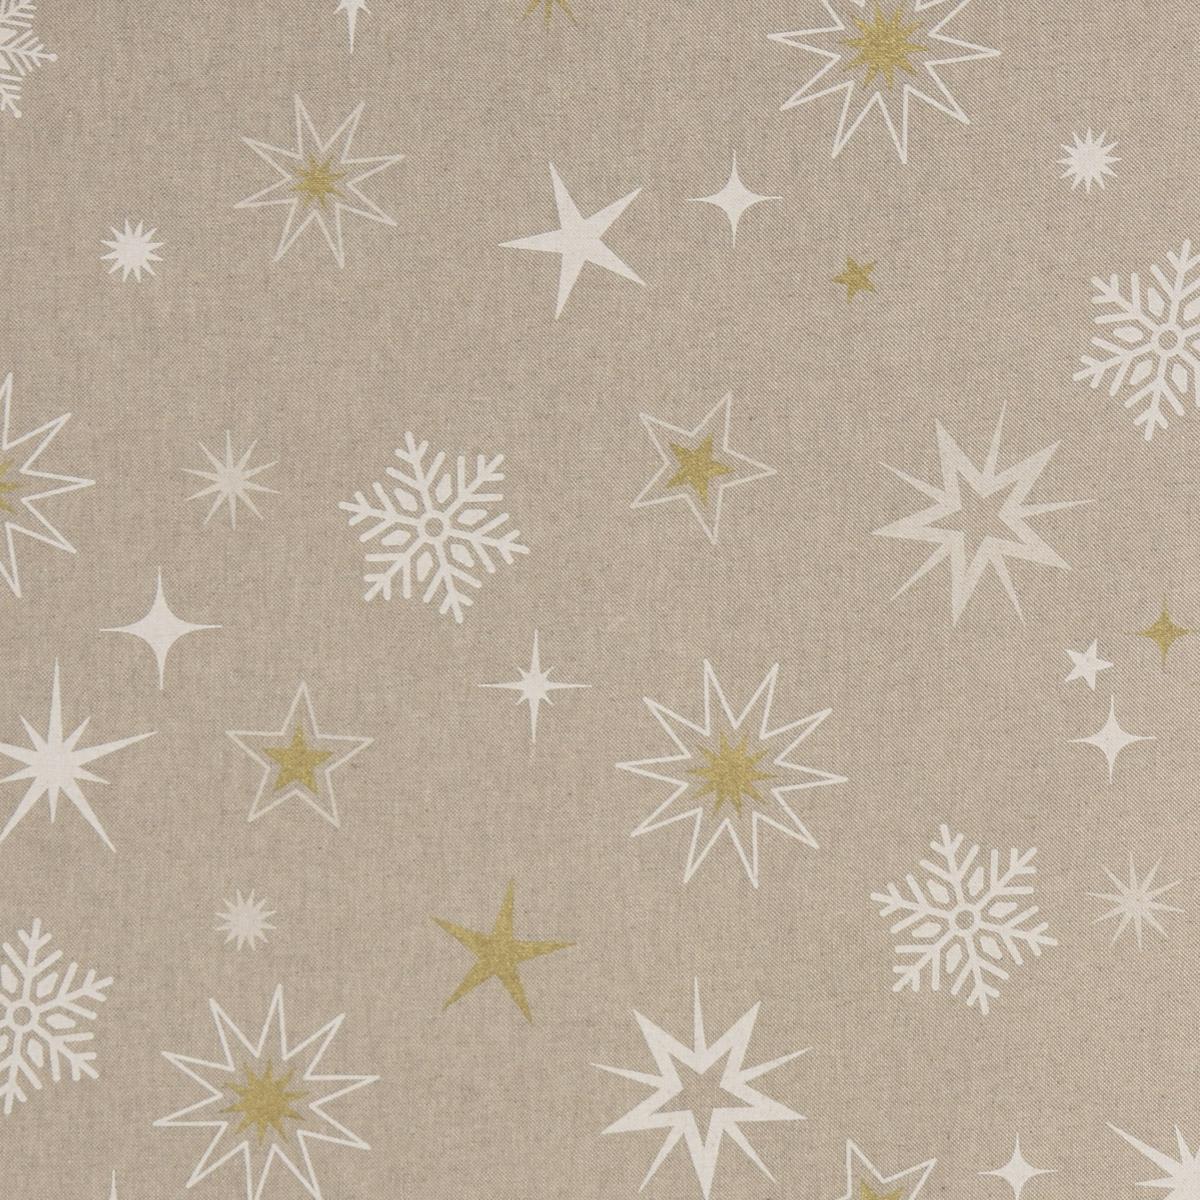 Dekostoff Halbpanama Leinenlook Weihnachtstoff Magic Star Sterne Schneeflocken natur weiß goldfarbig 1,40m Breite